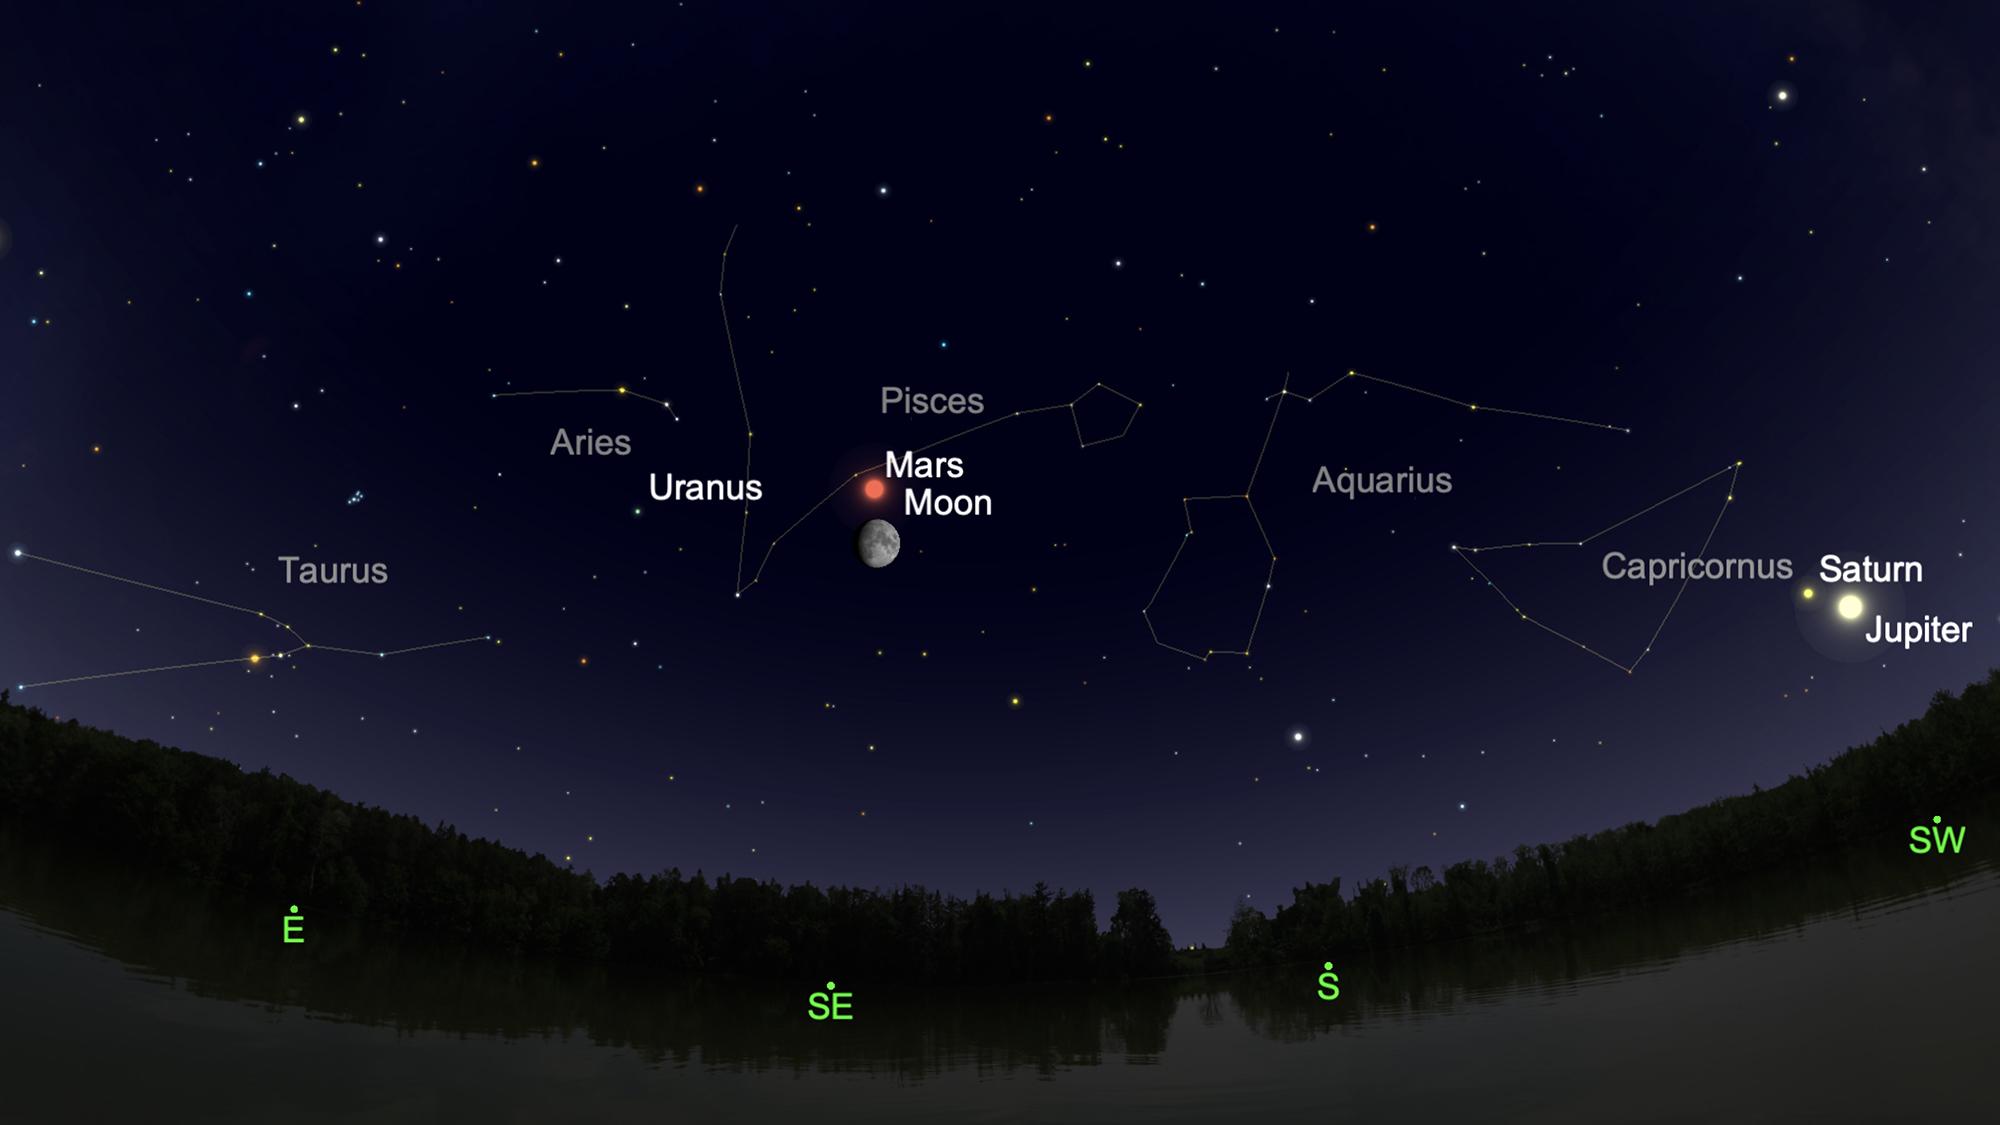 Mars sera dans la constellation des Poissons, les poissons.  Jupiter et Saturne seront également visibles dans le sud-ouest après le coucher du soleil.